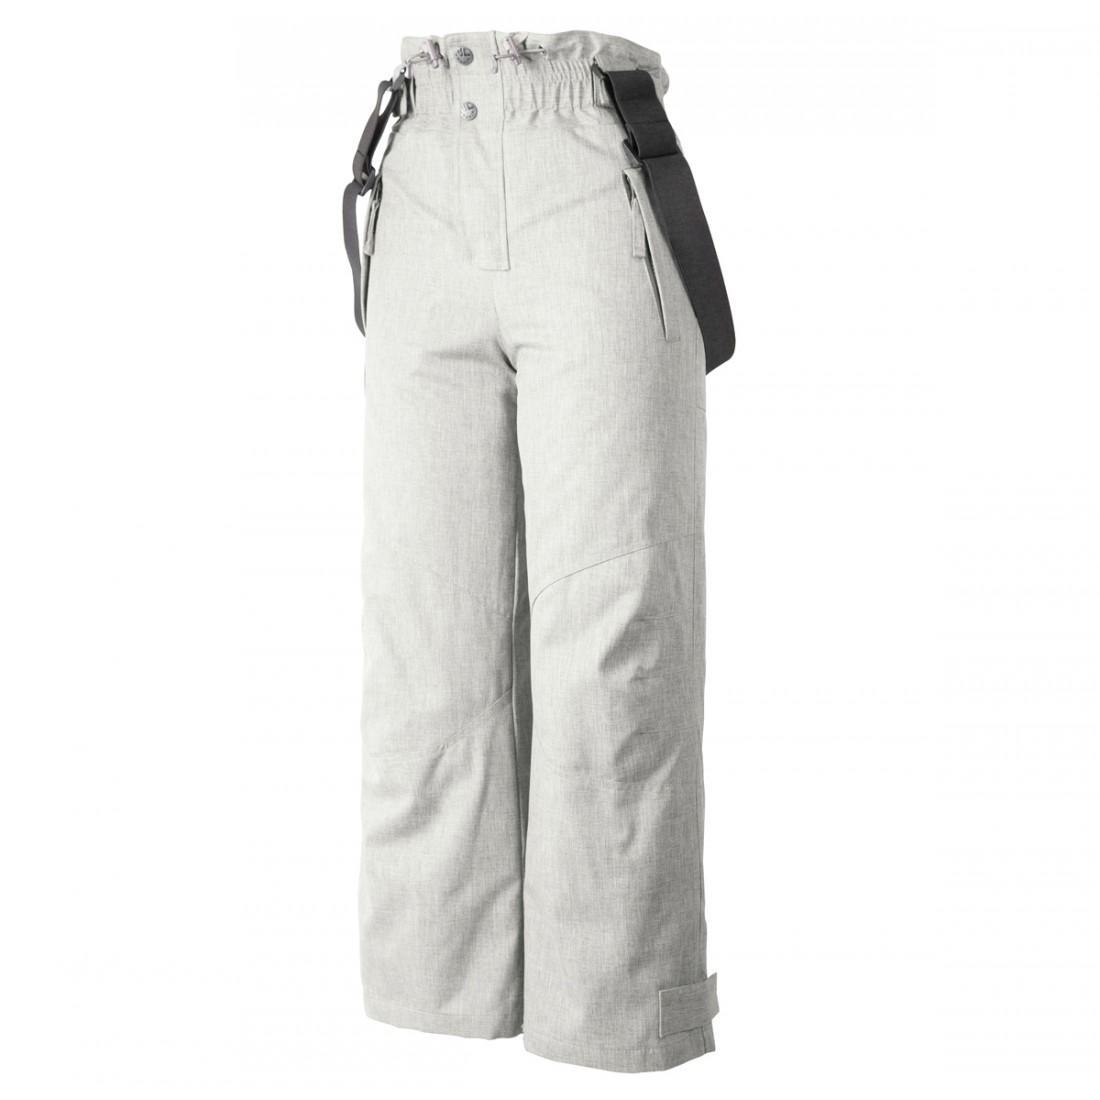 Брюки детск. G0607 GONDOLEБрюки, штаны<br><br>GONDOLE – прочные водонепроницаемые брюки из детской коллекции Fusalp, предназначенные для катания на лыжах, долгих зимних прогулок. Модель, выполненная из водо- и грязеотталкивающая материала, оснащенная регулируемыми подтяжками, станет практичным ...<br><br>Цвет: Белый<br>Размер: 10